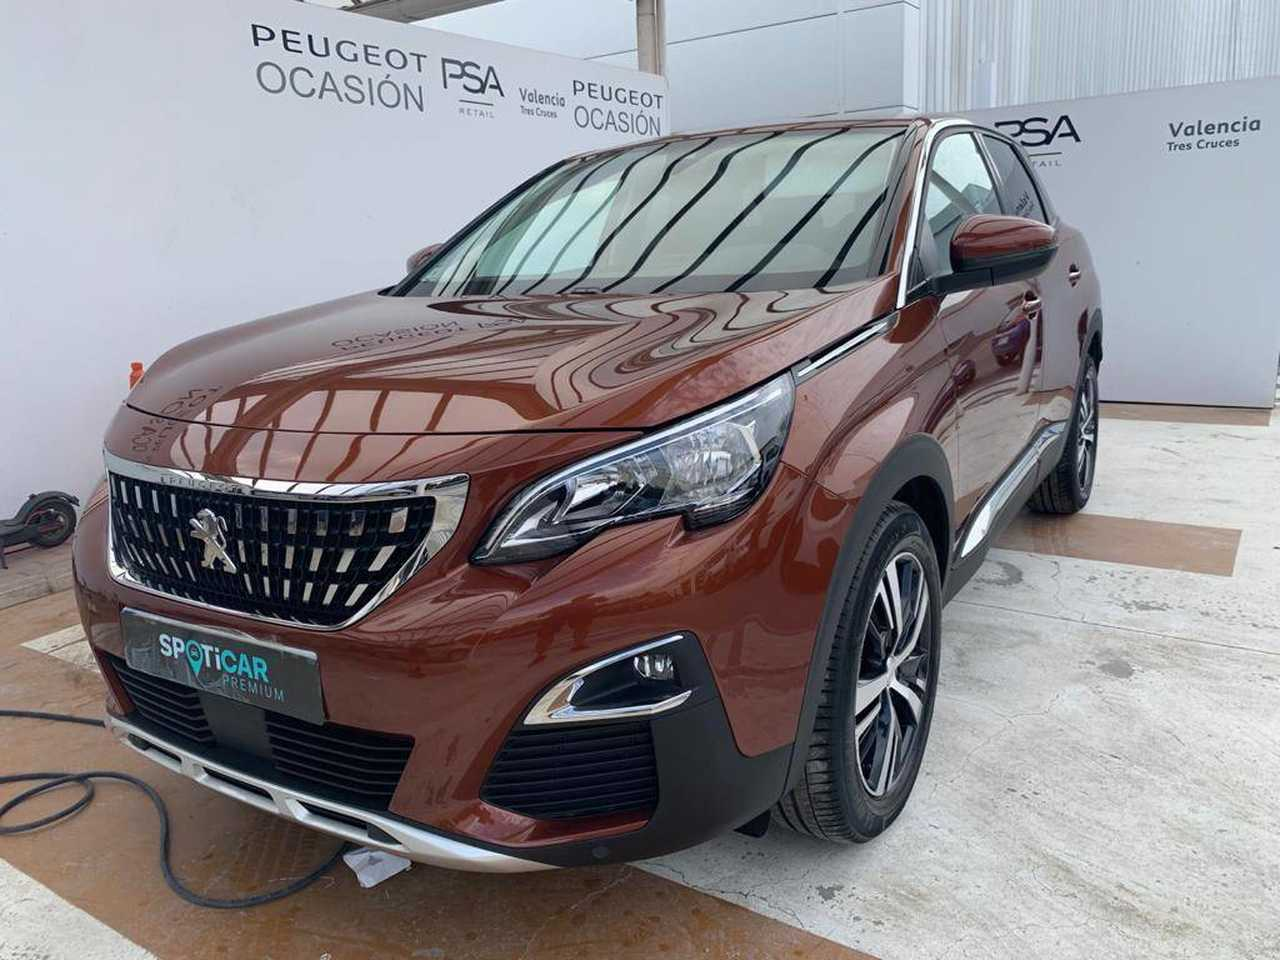 Peugeot 3008 Gasolina en Valencia